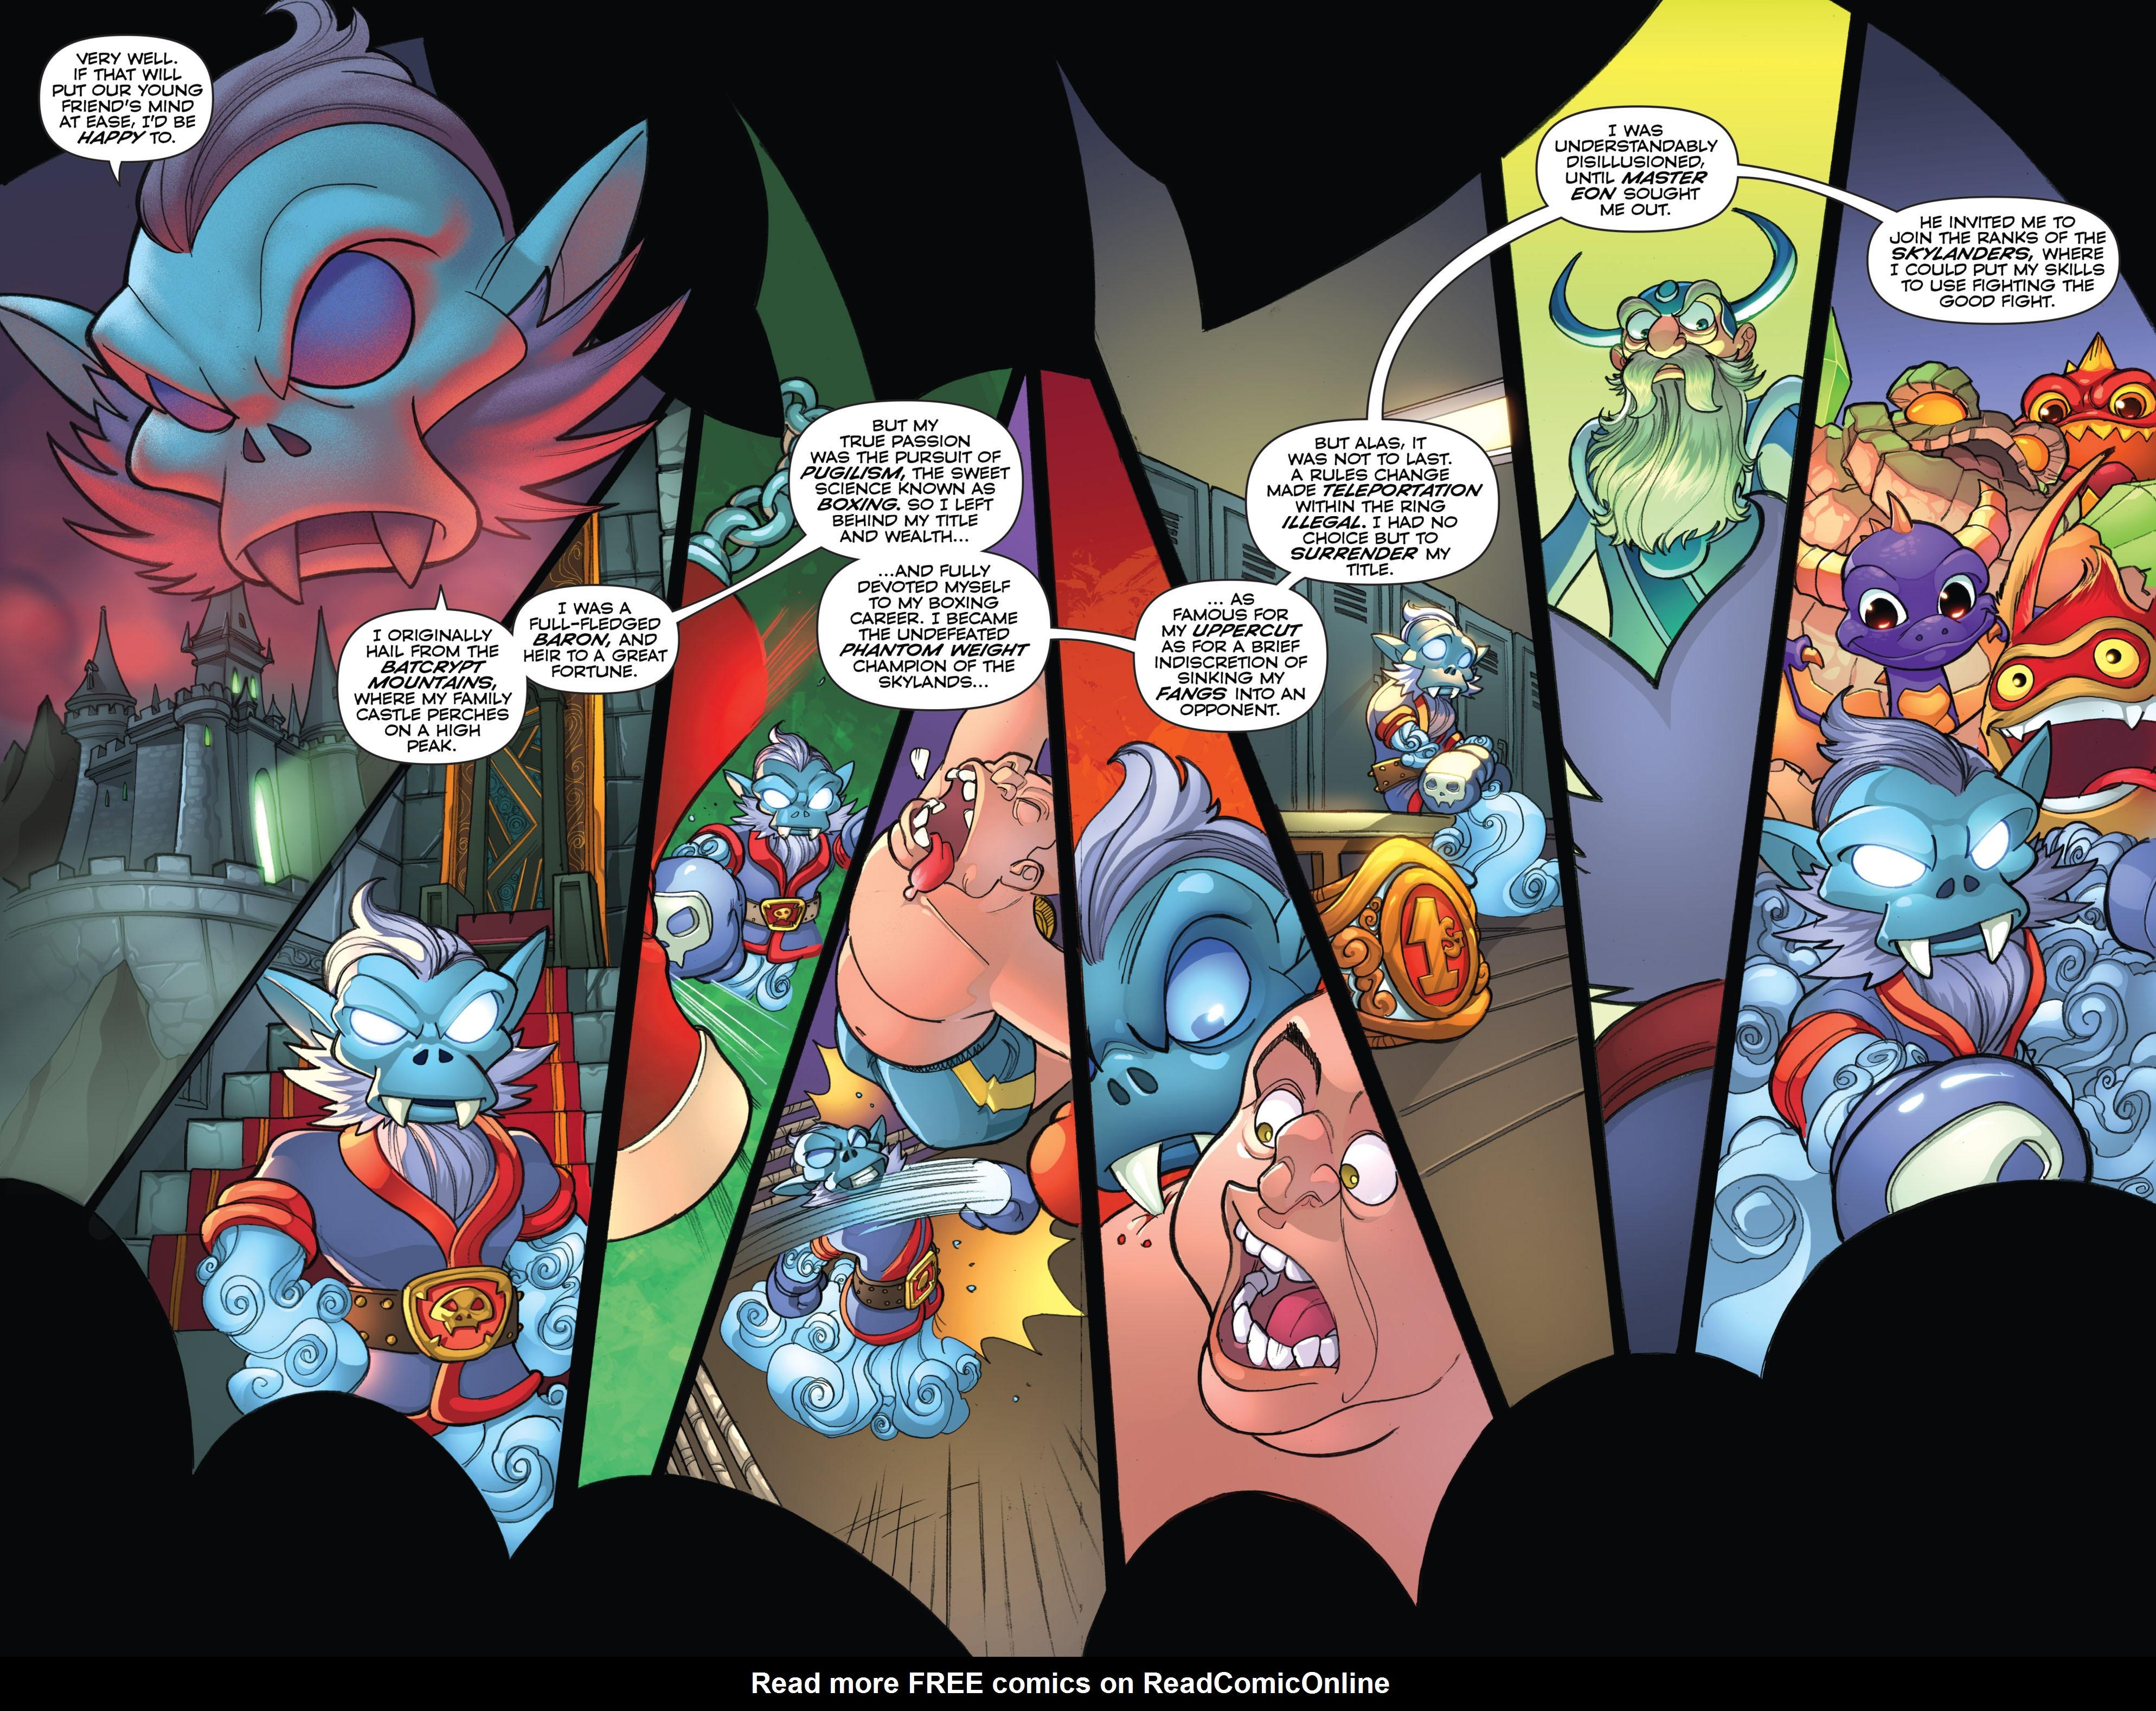 Read online Skylanders comic -  Issue #2 - 20